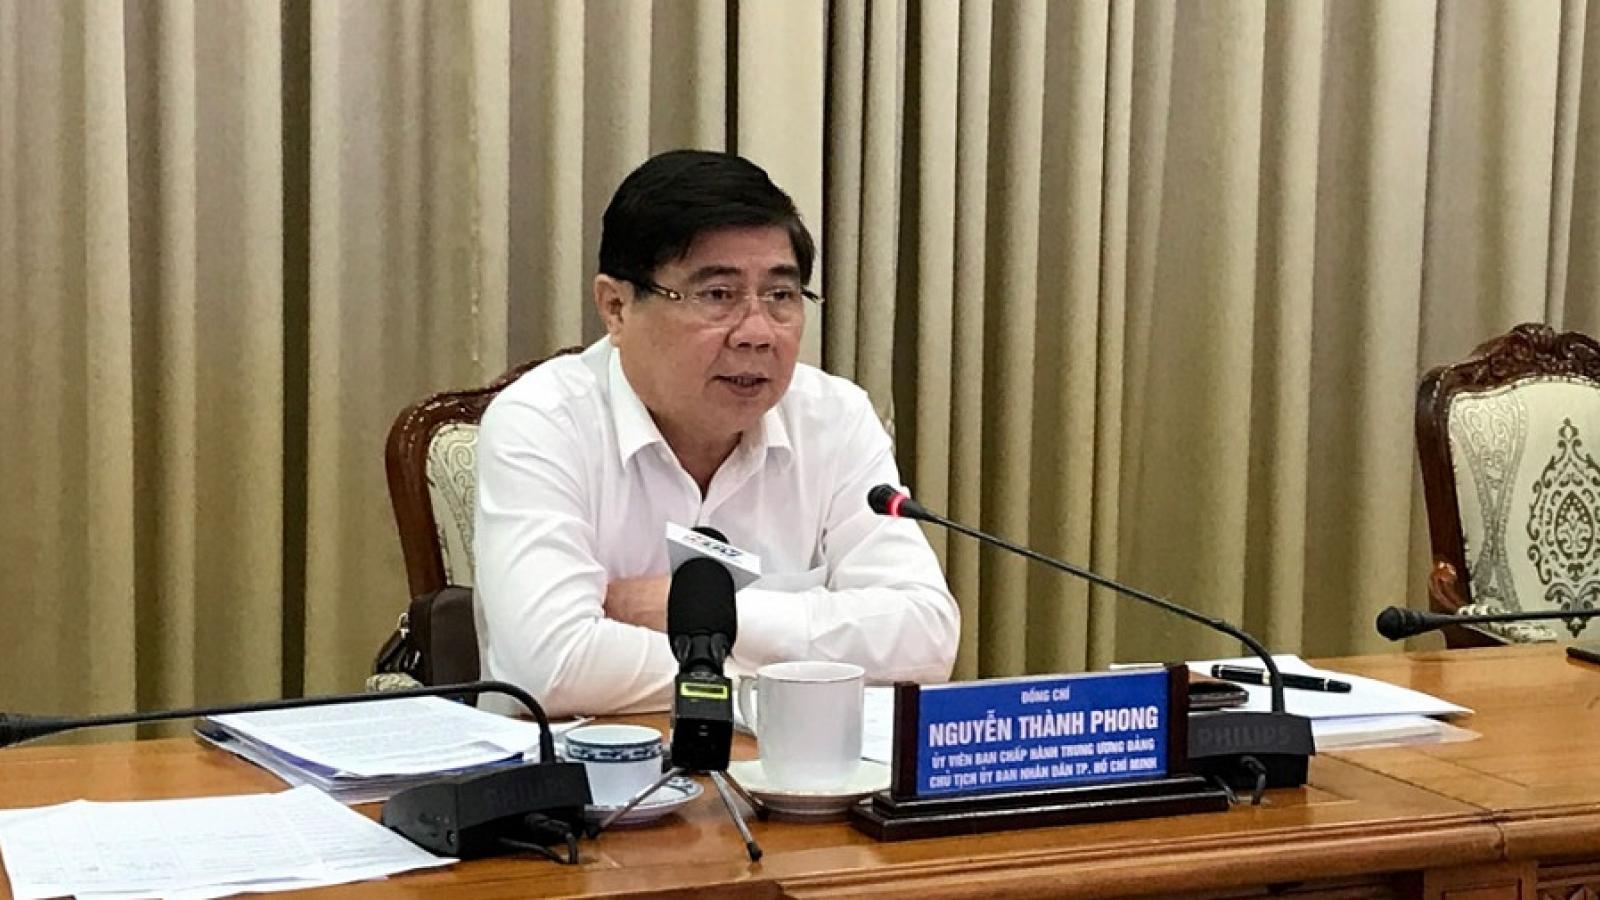 TPHCM sẽ ban hành các gói hỗ trợ doanh nghiệp trước tháng 6/2020